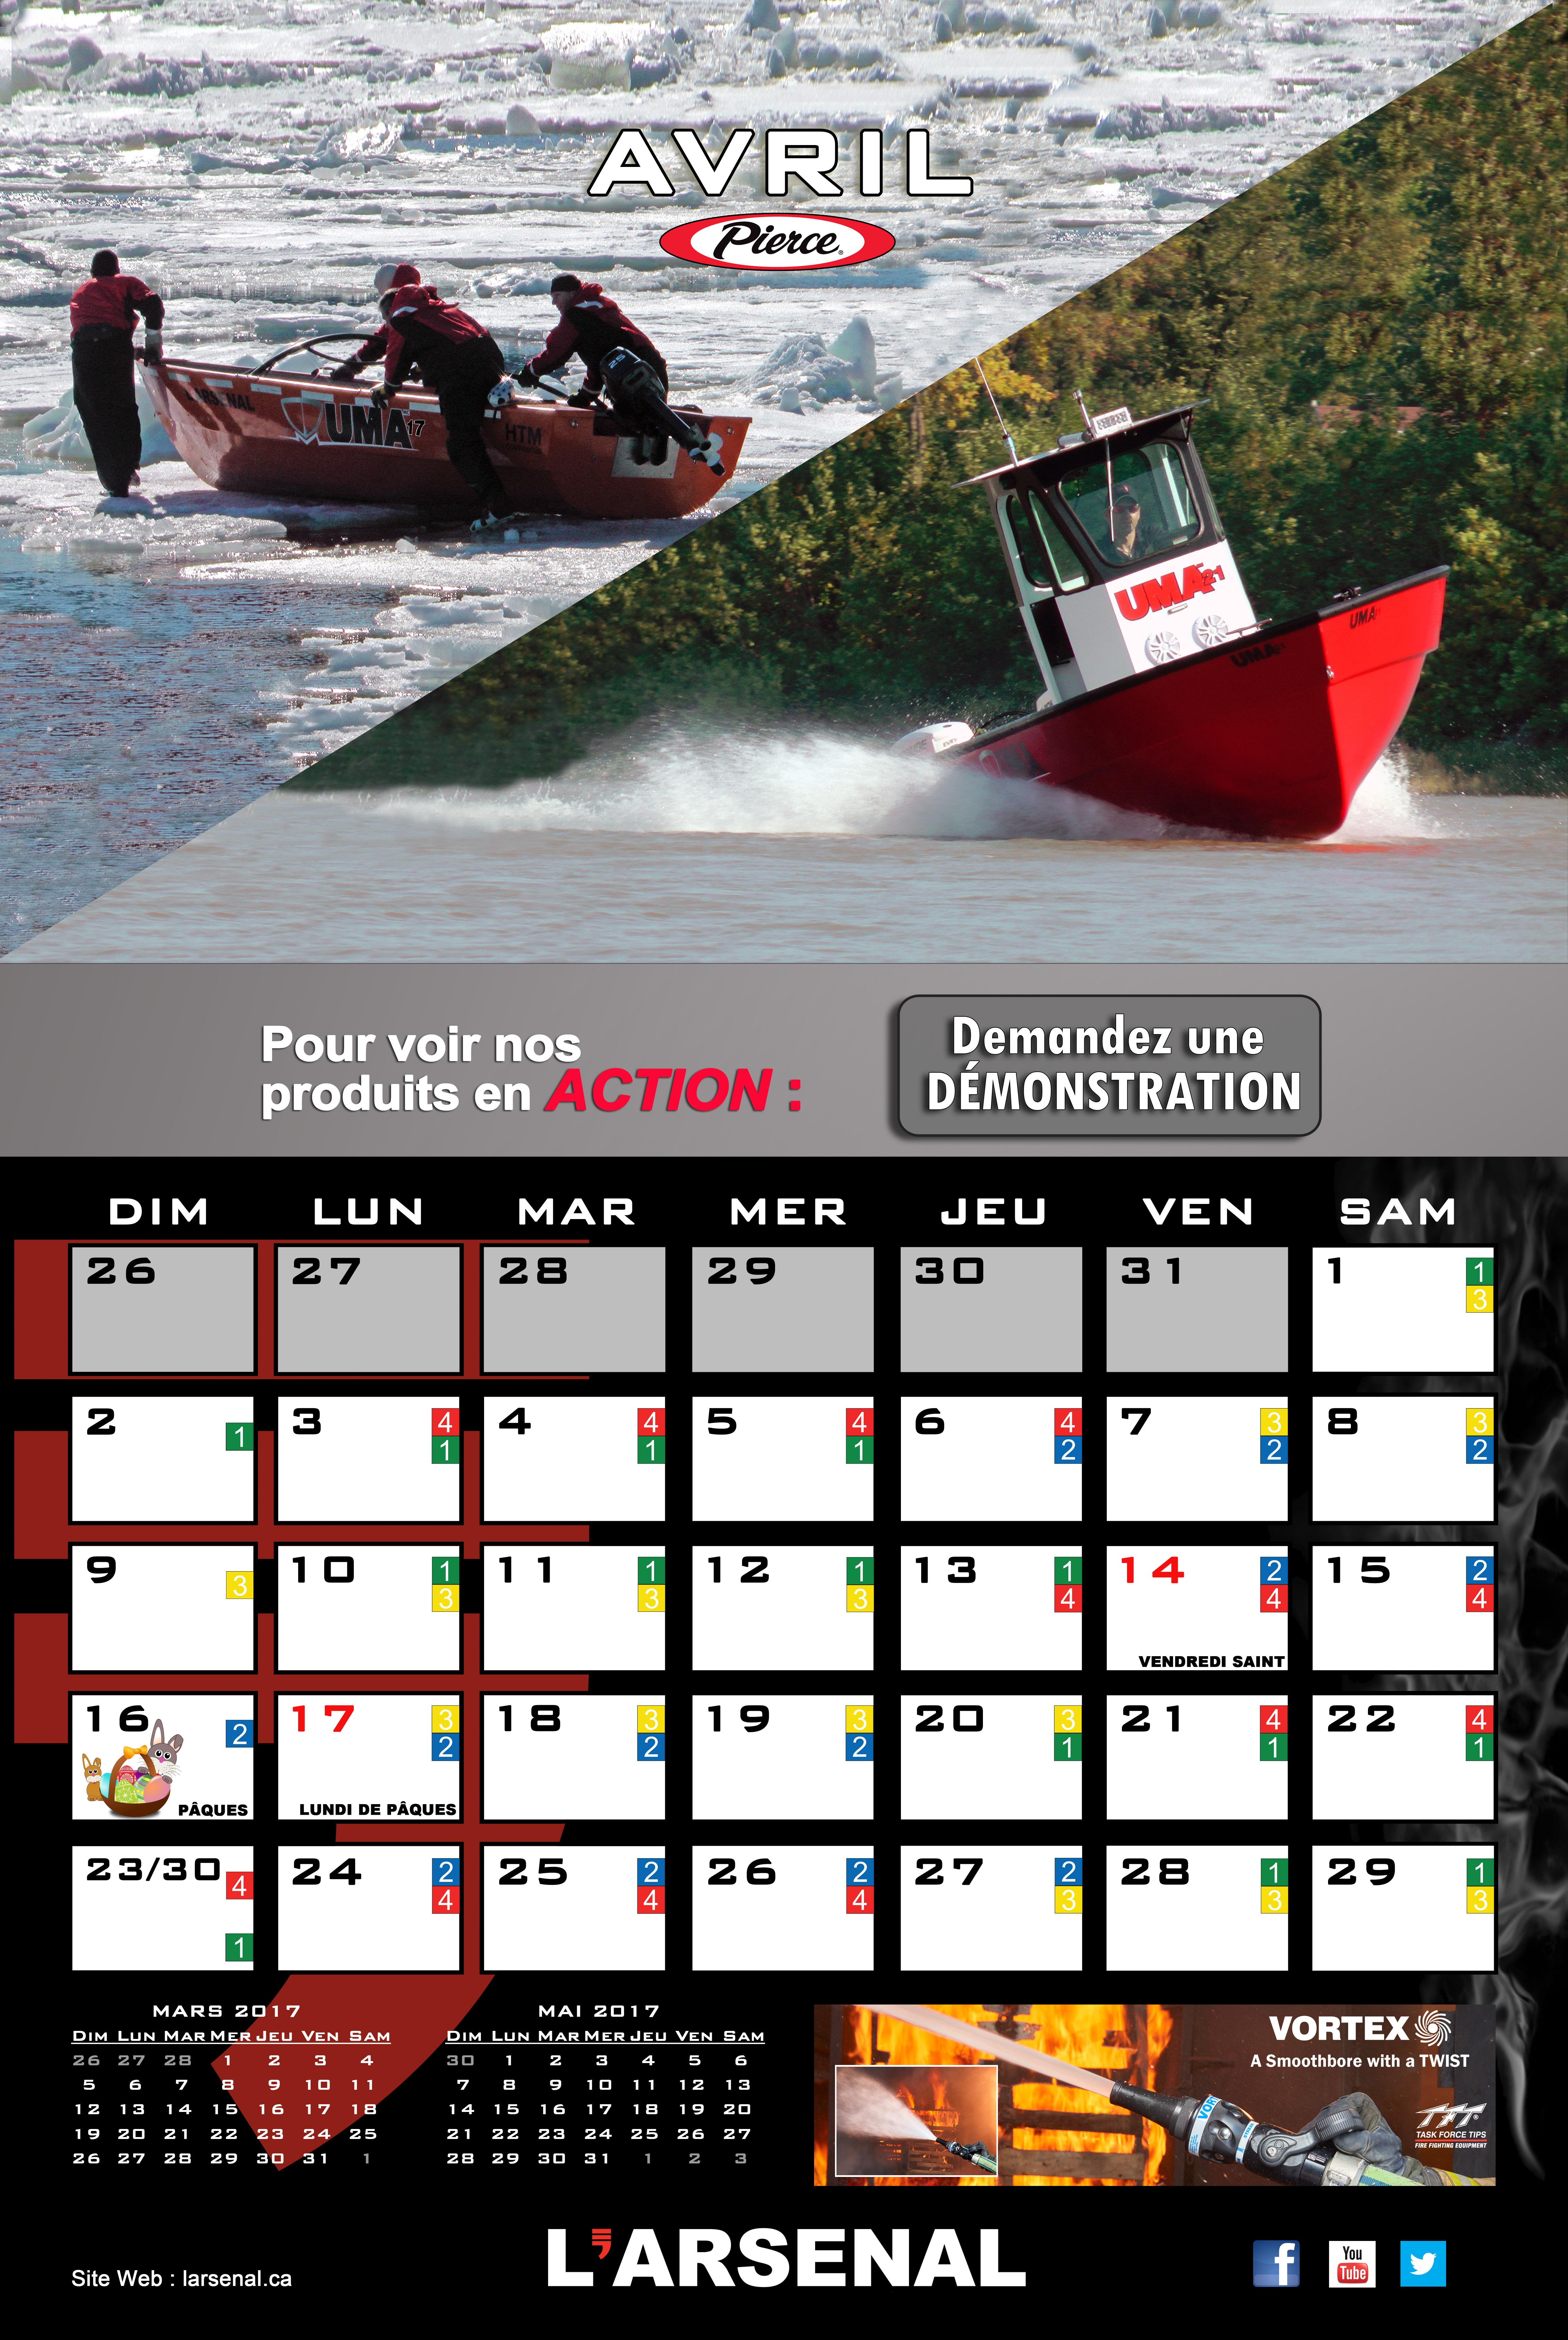 calendrier-avril